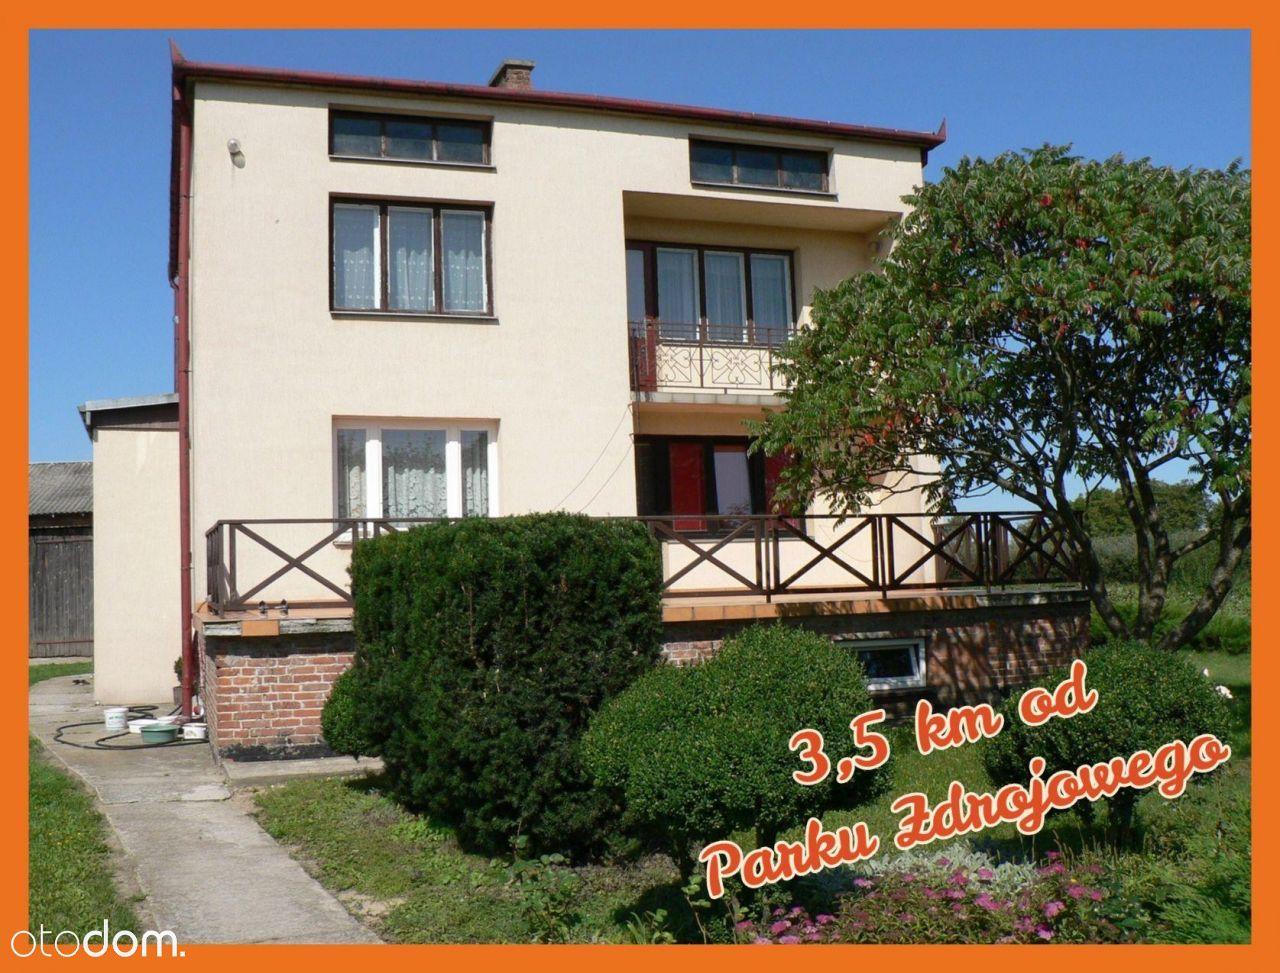 Dom 3,5 km od Parku Zdrojowego w Nałęczowie !